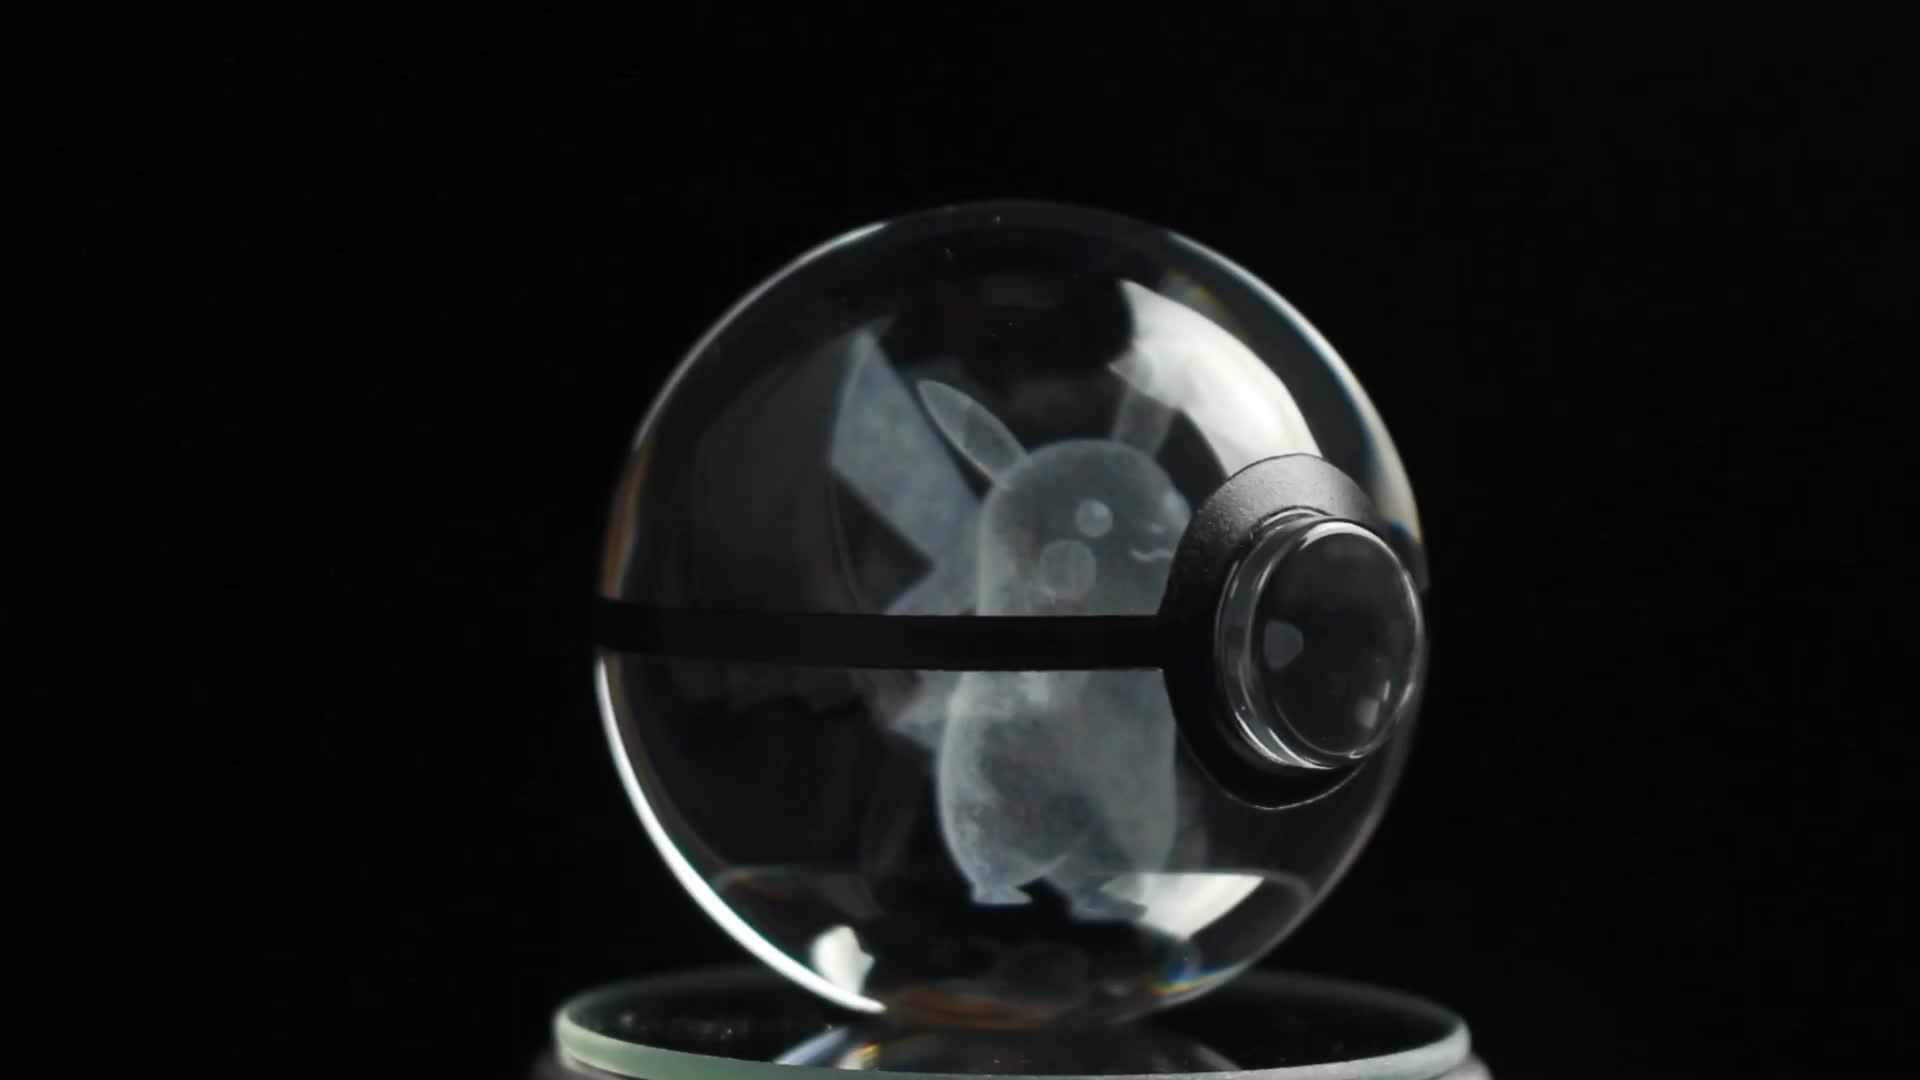 Gota-transporte Crianças Presentes 3D Laser Pokemon Personalizado Bola De Vidro de Cristal Com Base de Led